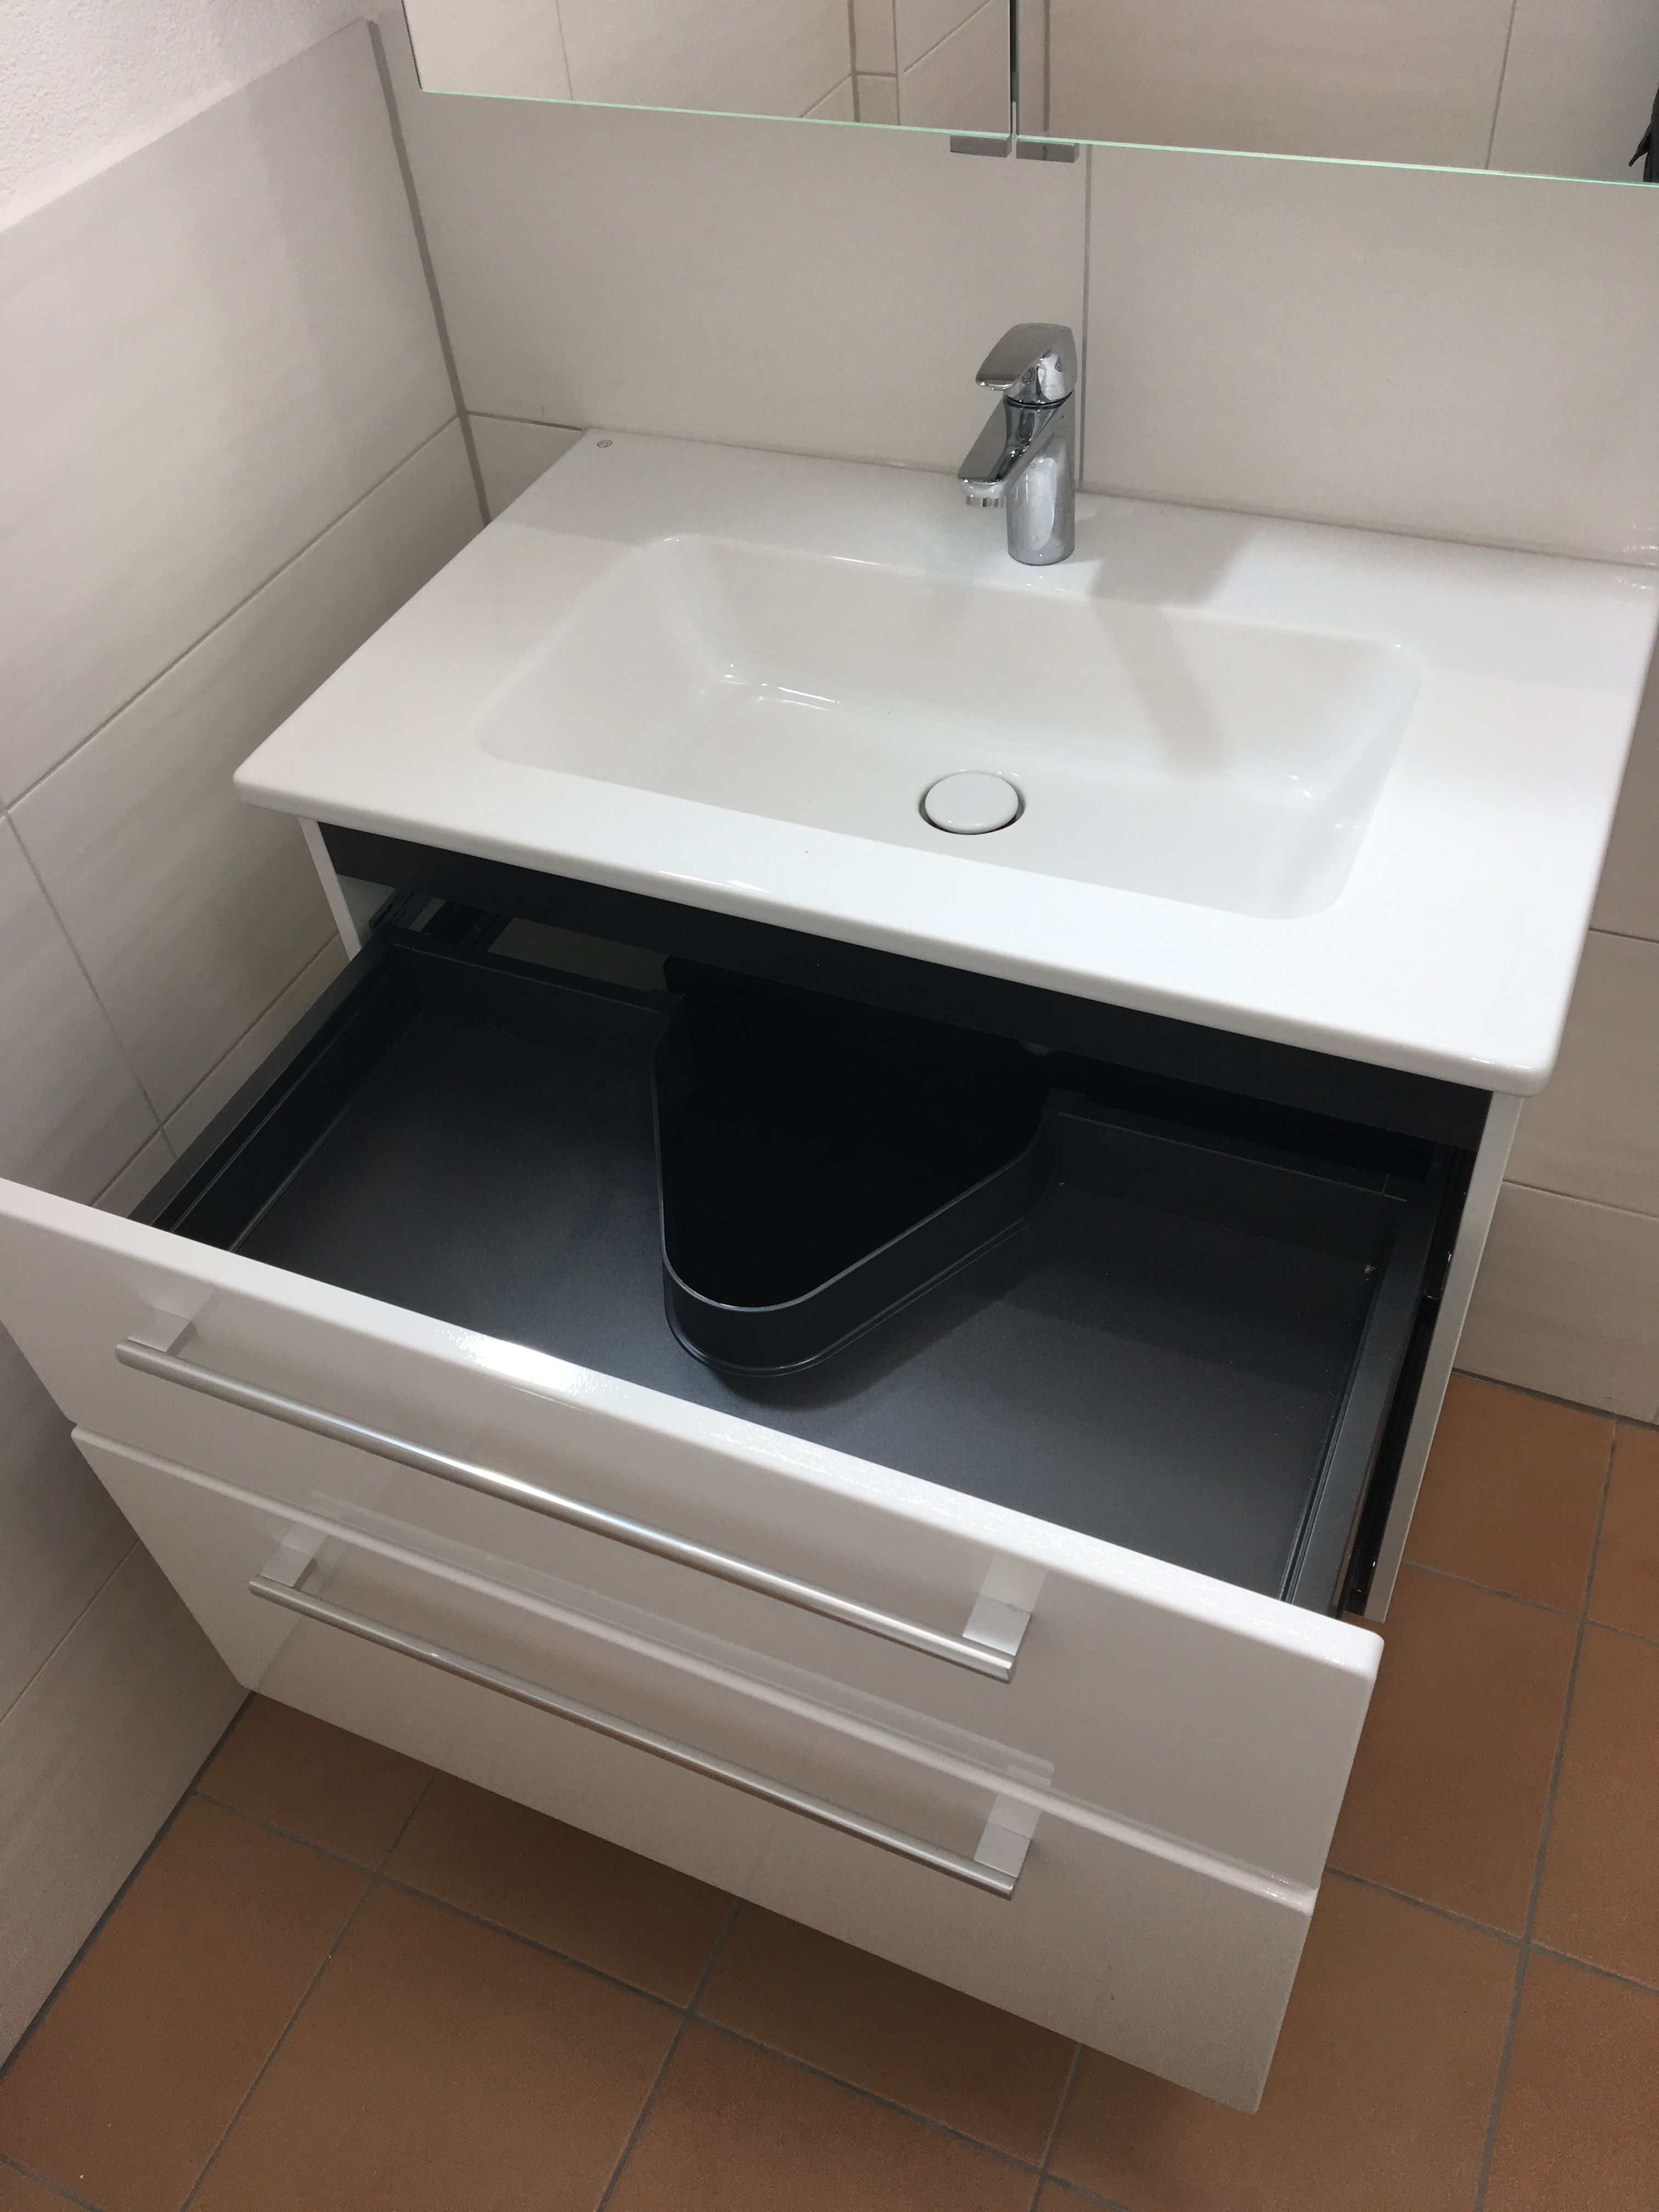 Mobelwaschbecken Montiert Montiert Wasche Haus